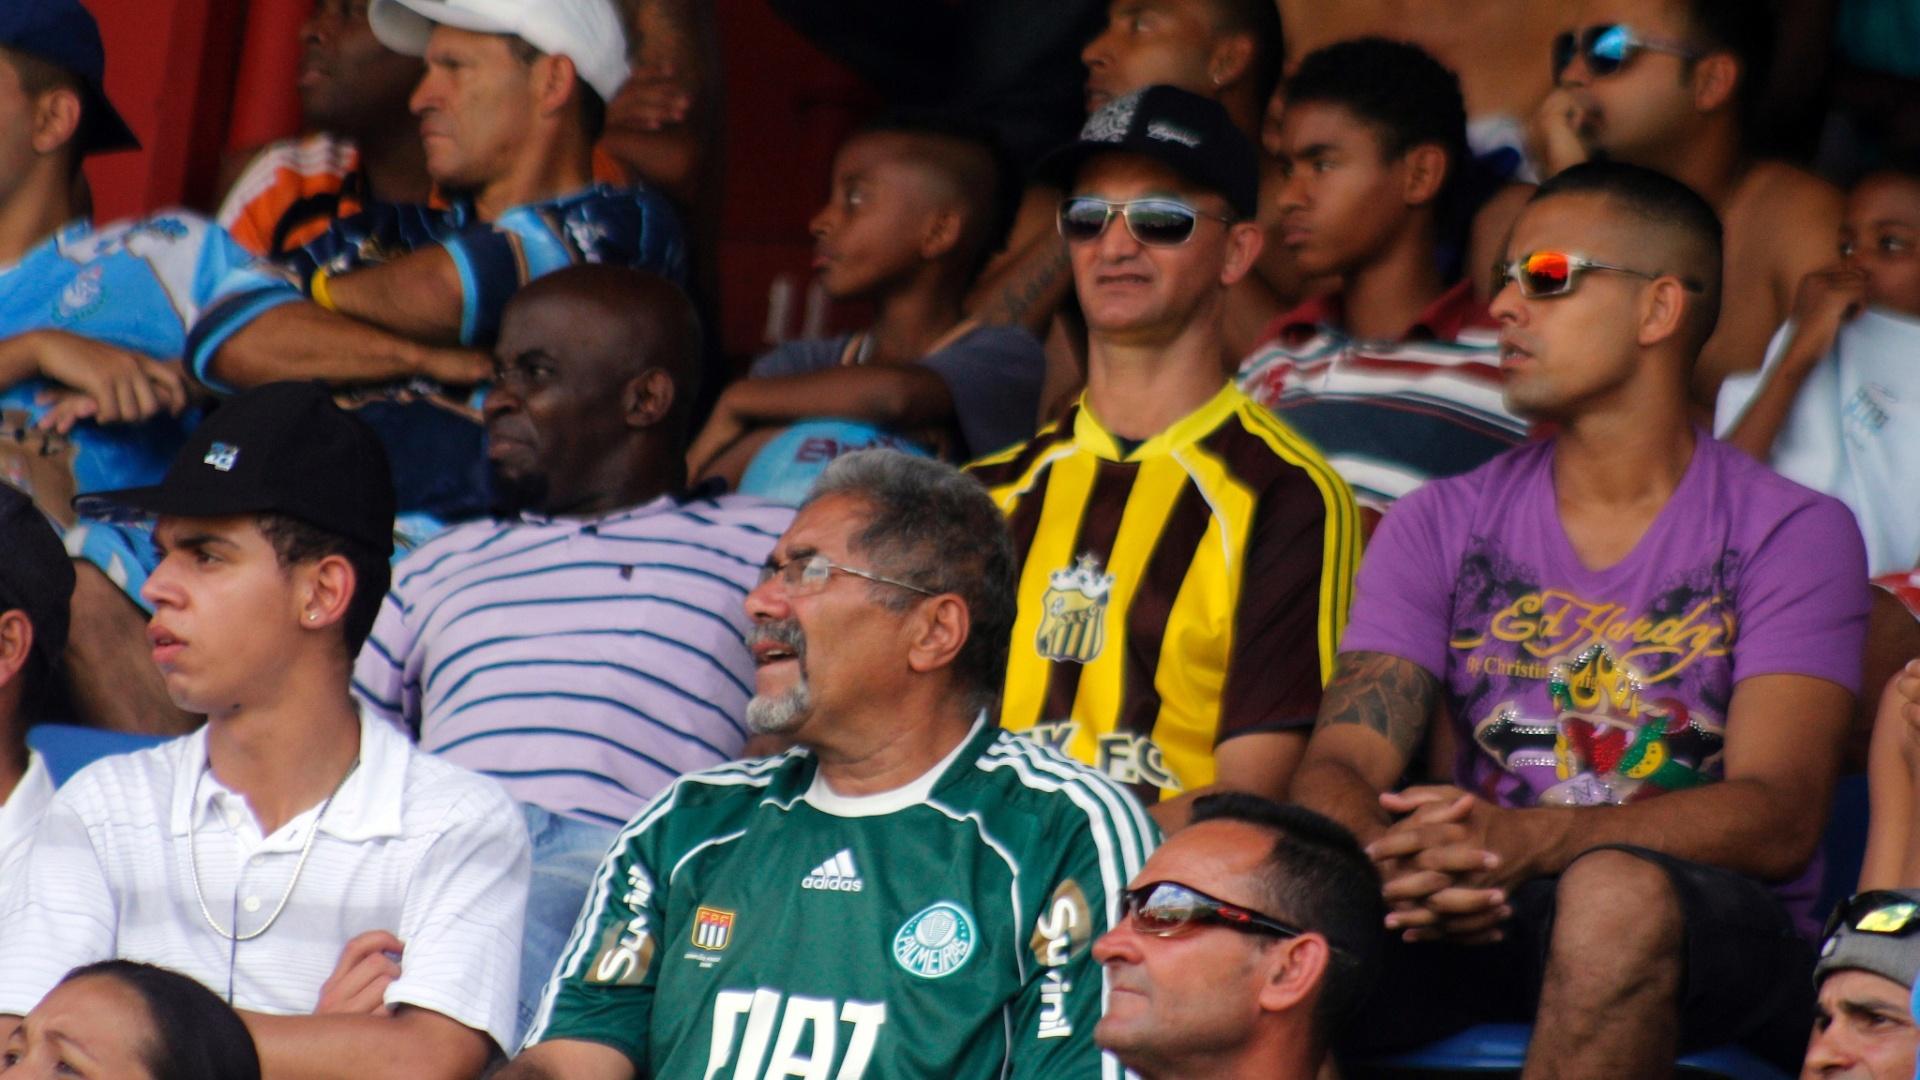 Torcida compareceu em bom número para acompanhar a final da série B da Copa Kaiser no estádio Nicolau Alayon